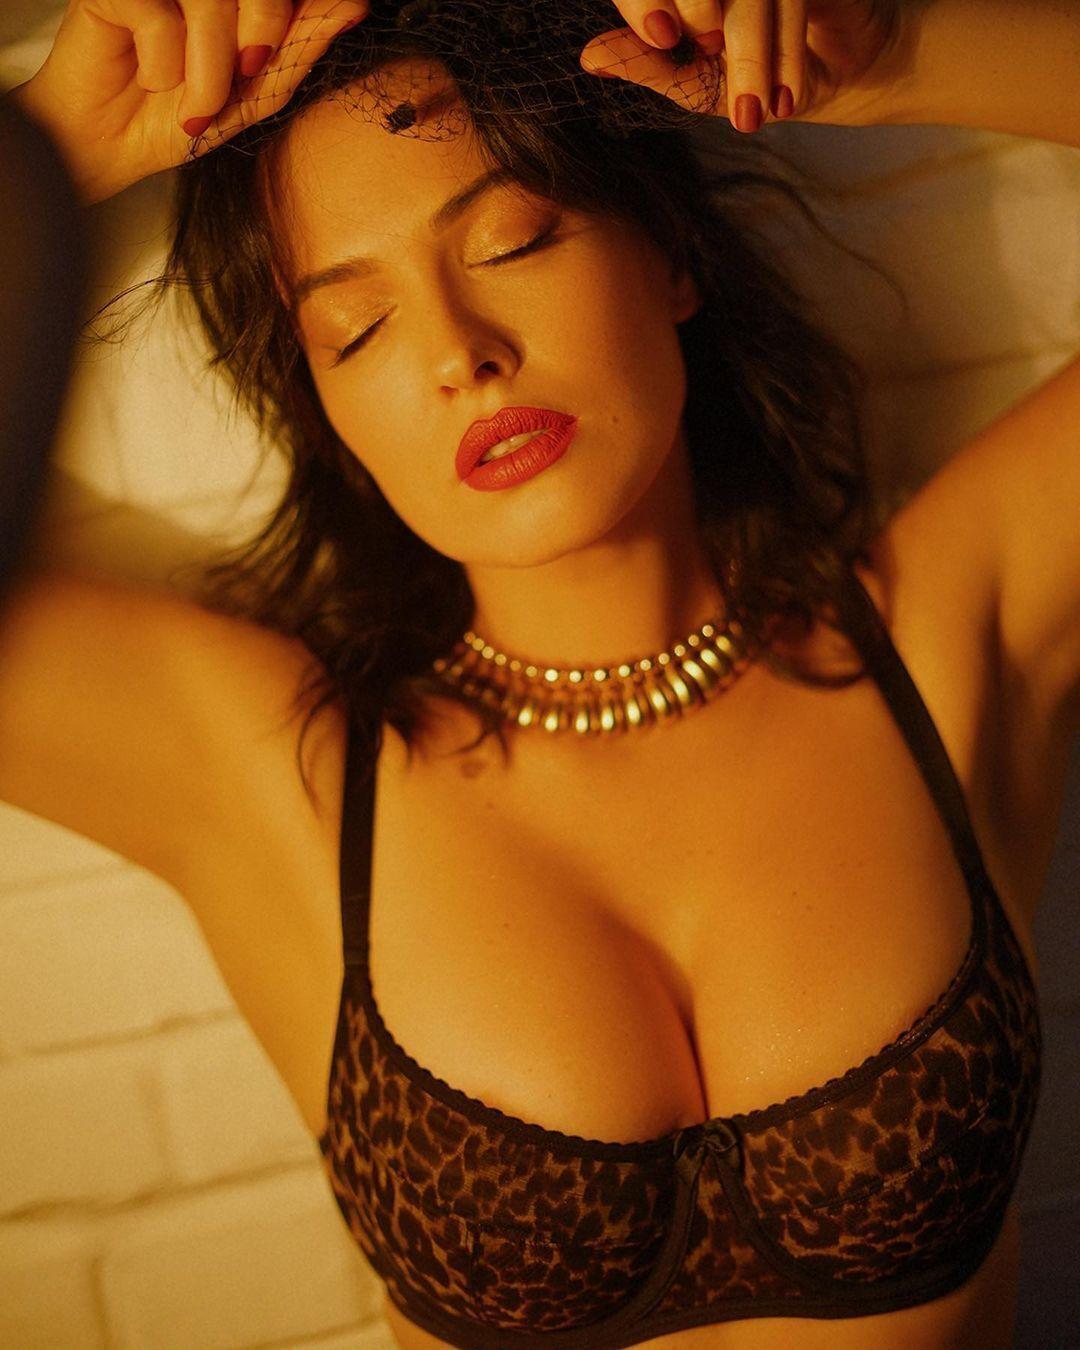 Даша Астафьева показала кадры с сексуальной съемки.